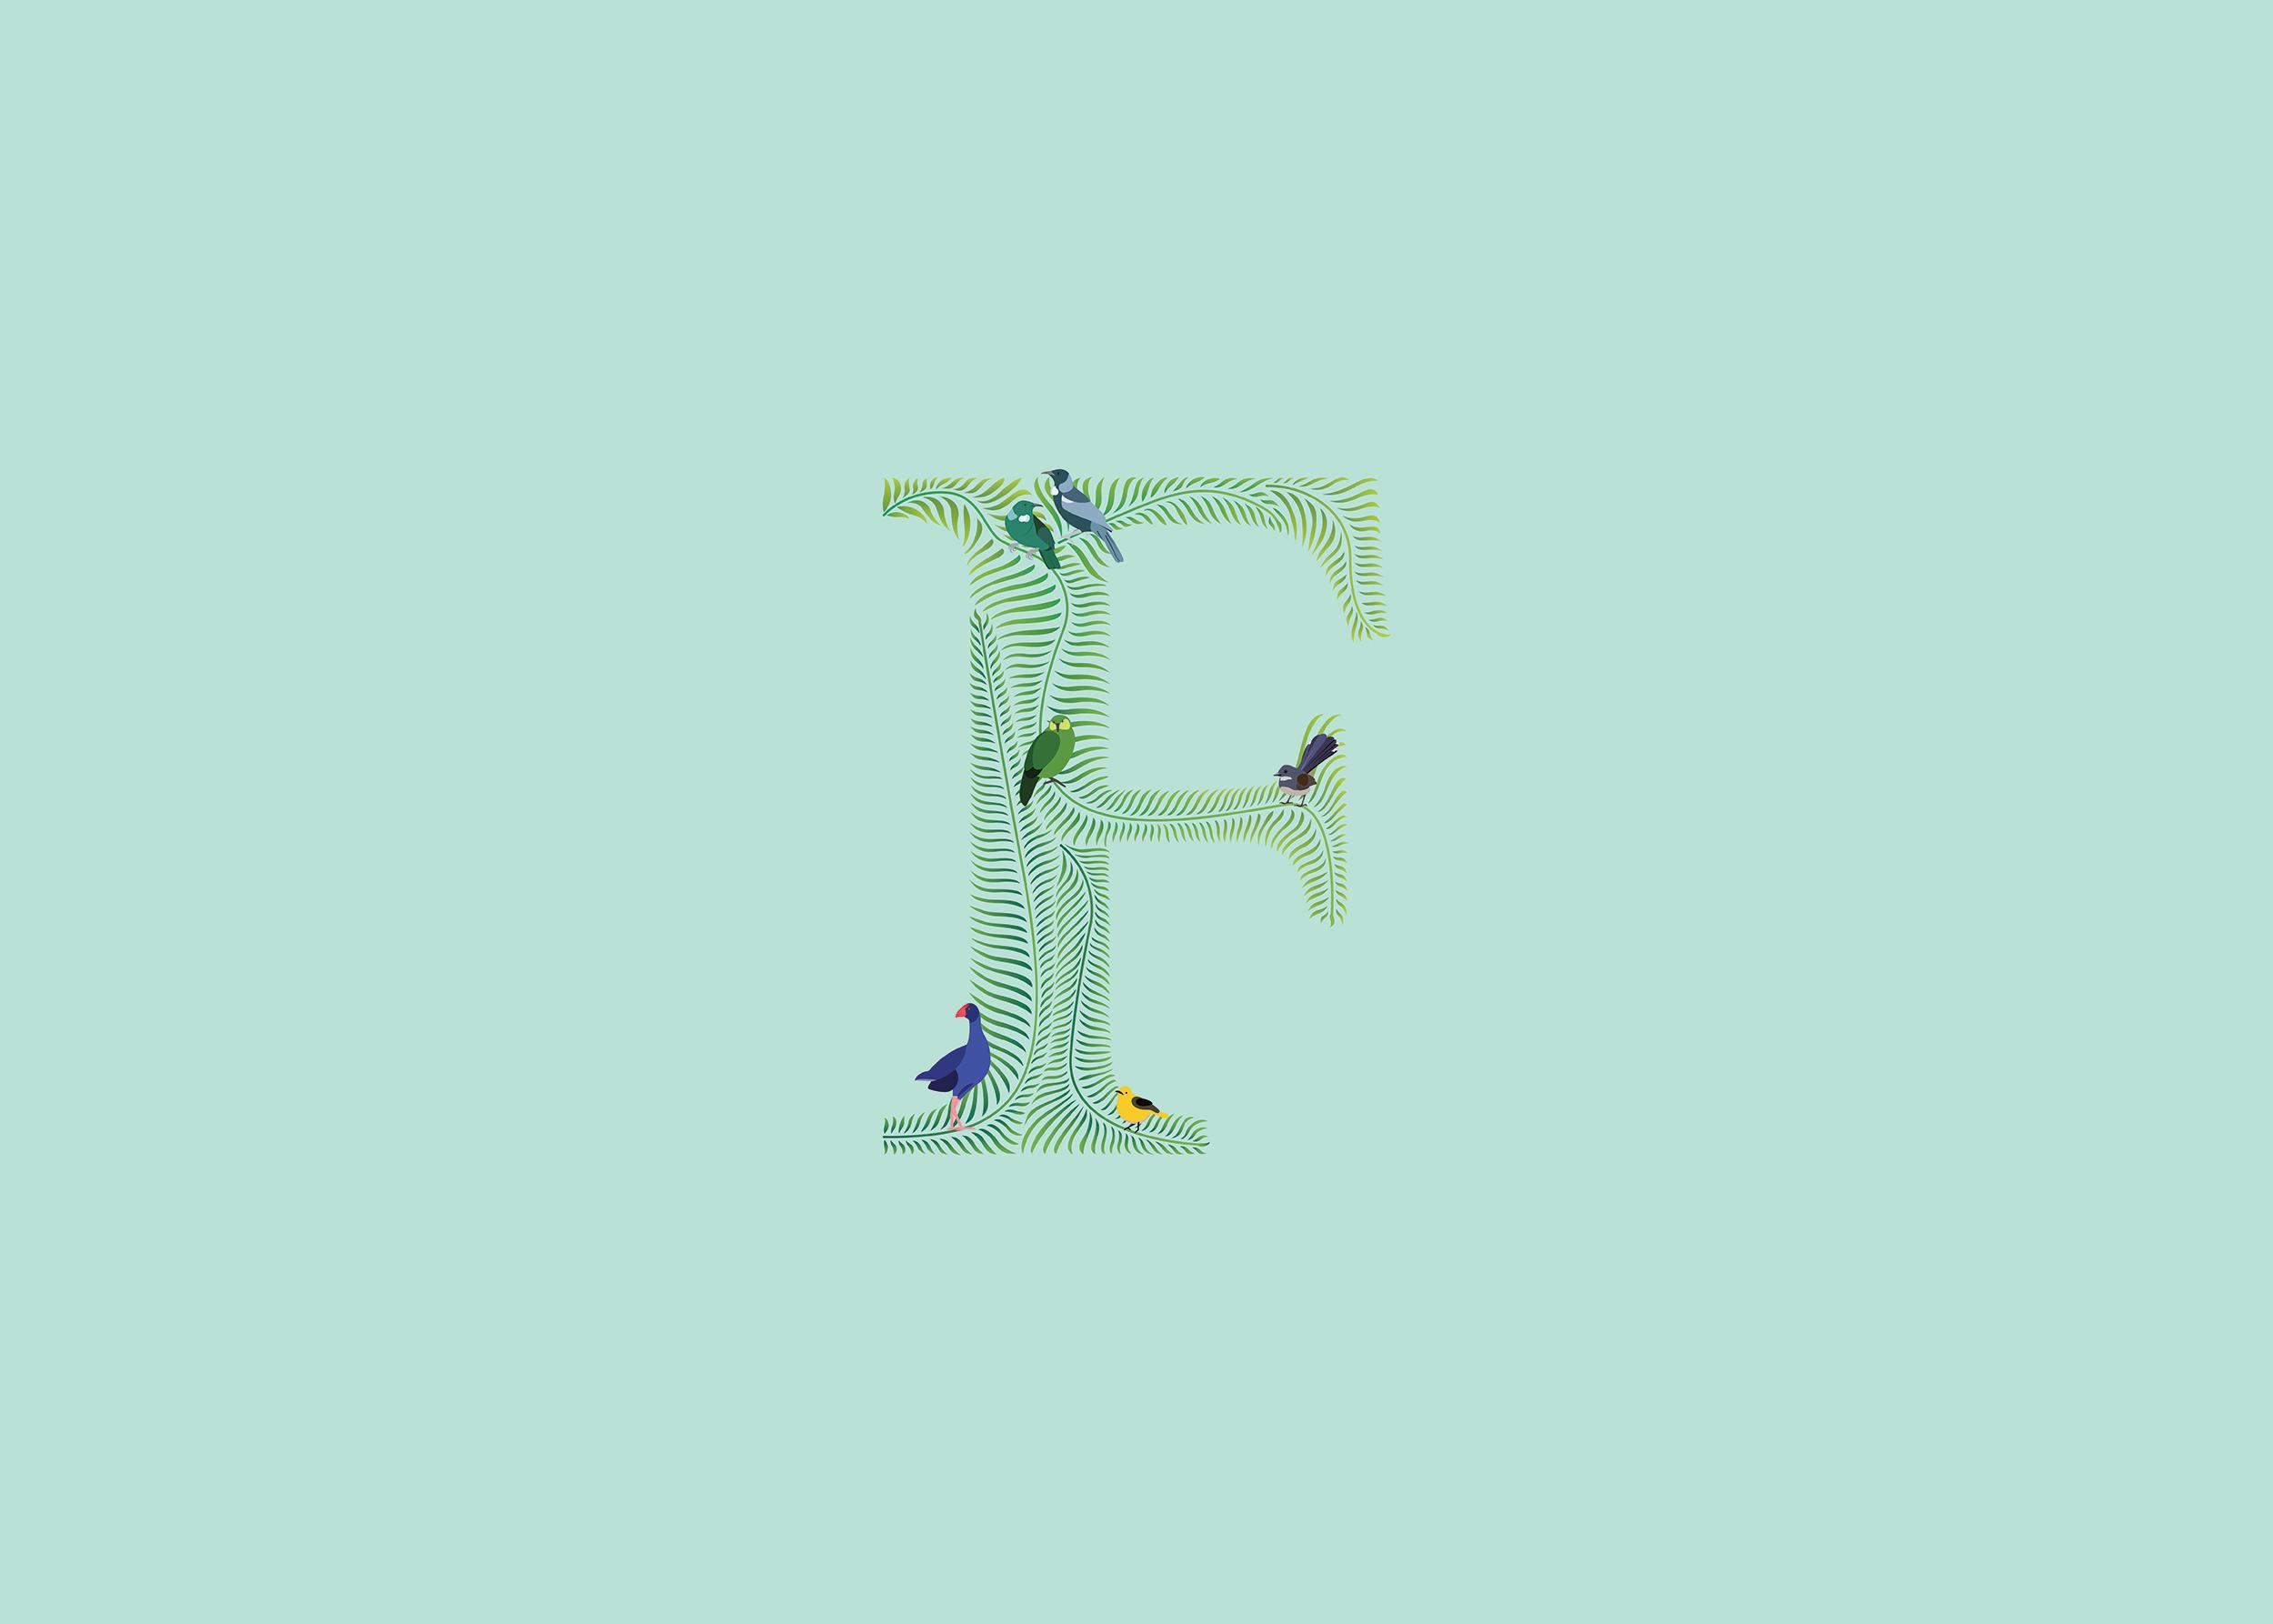 Fern Lettering 01